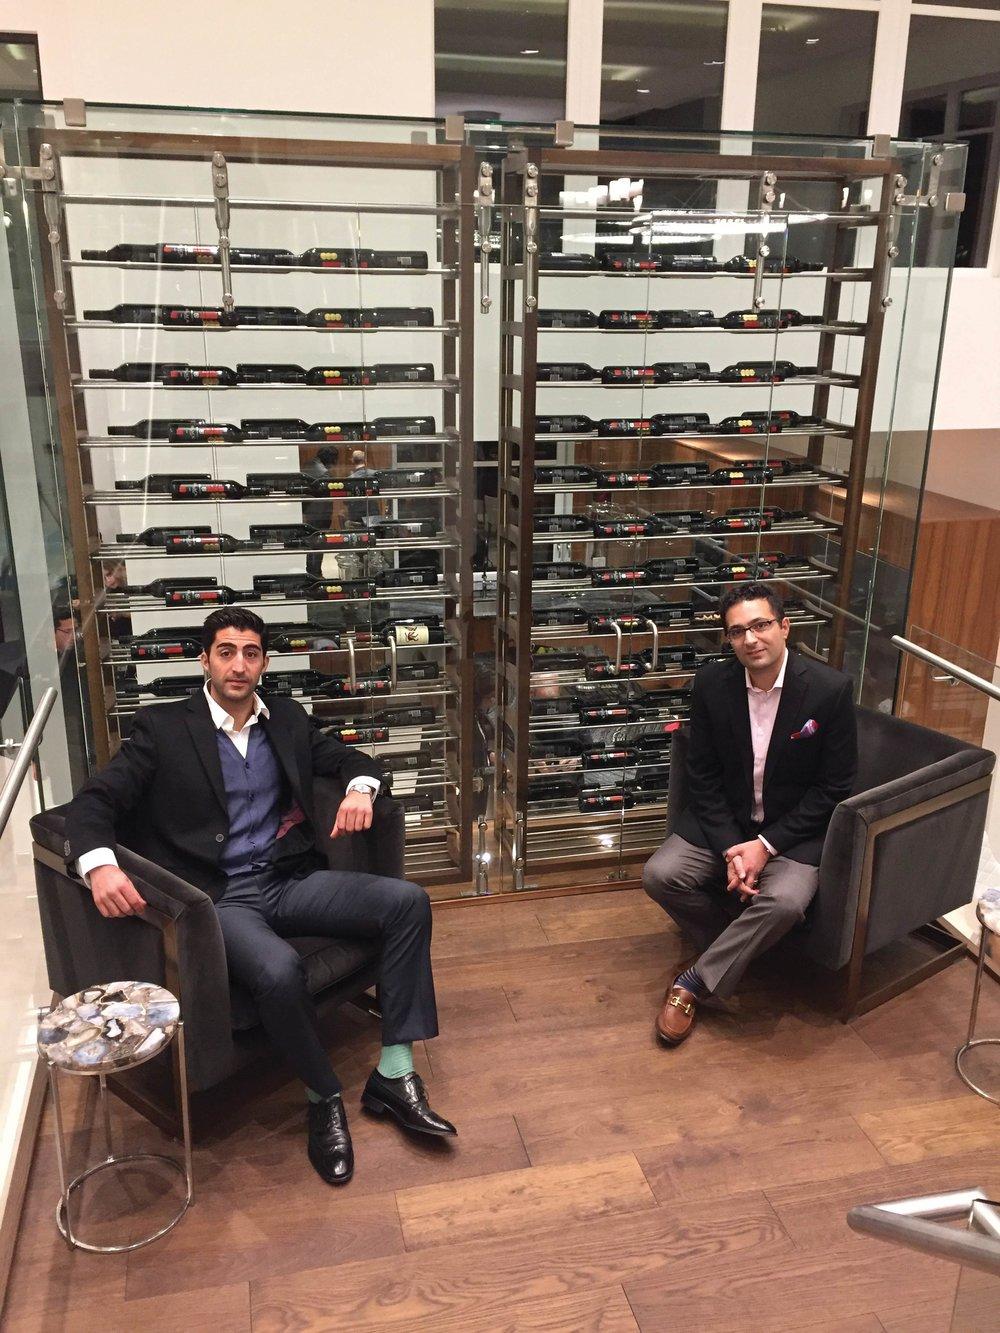 Farnood and Kia Ghaffari enjoy the ambiance of a tasteful, inspiring event;